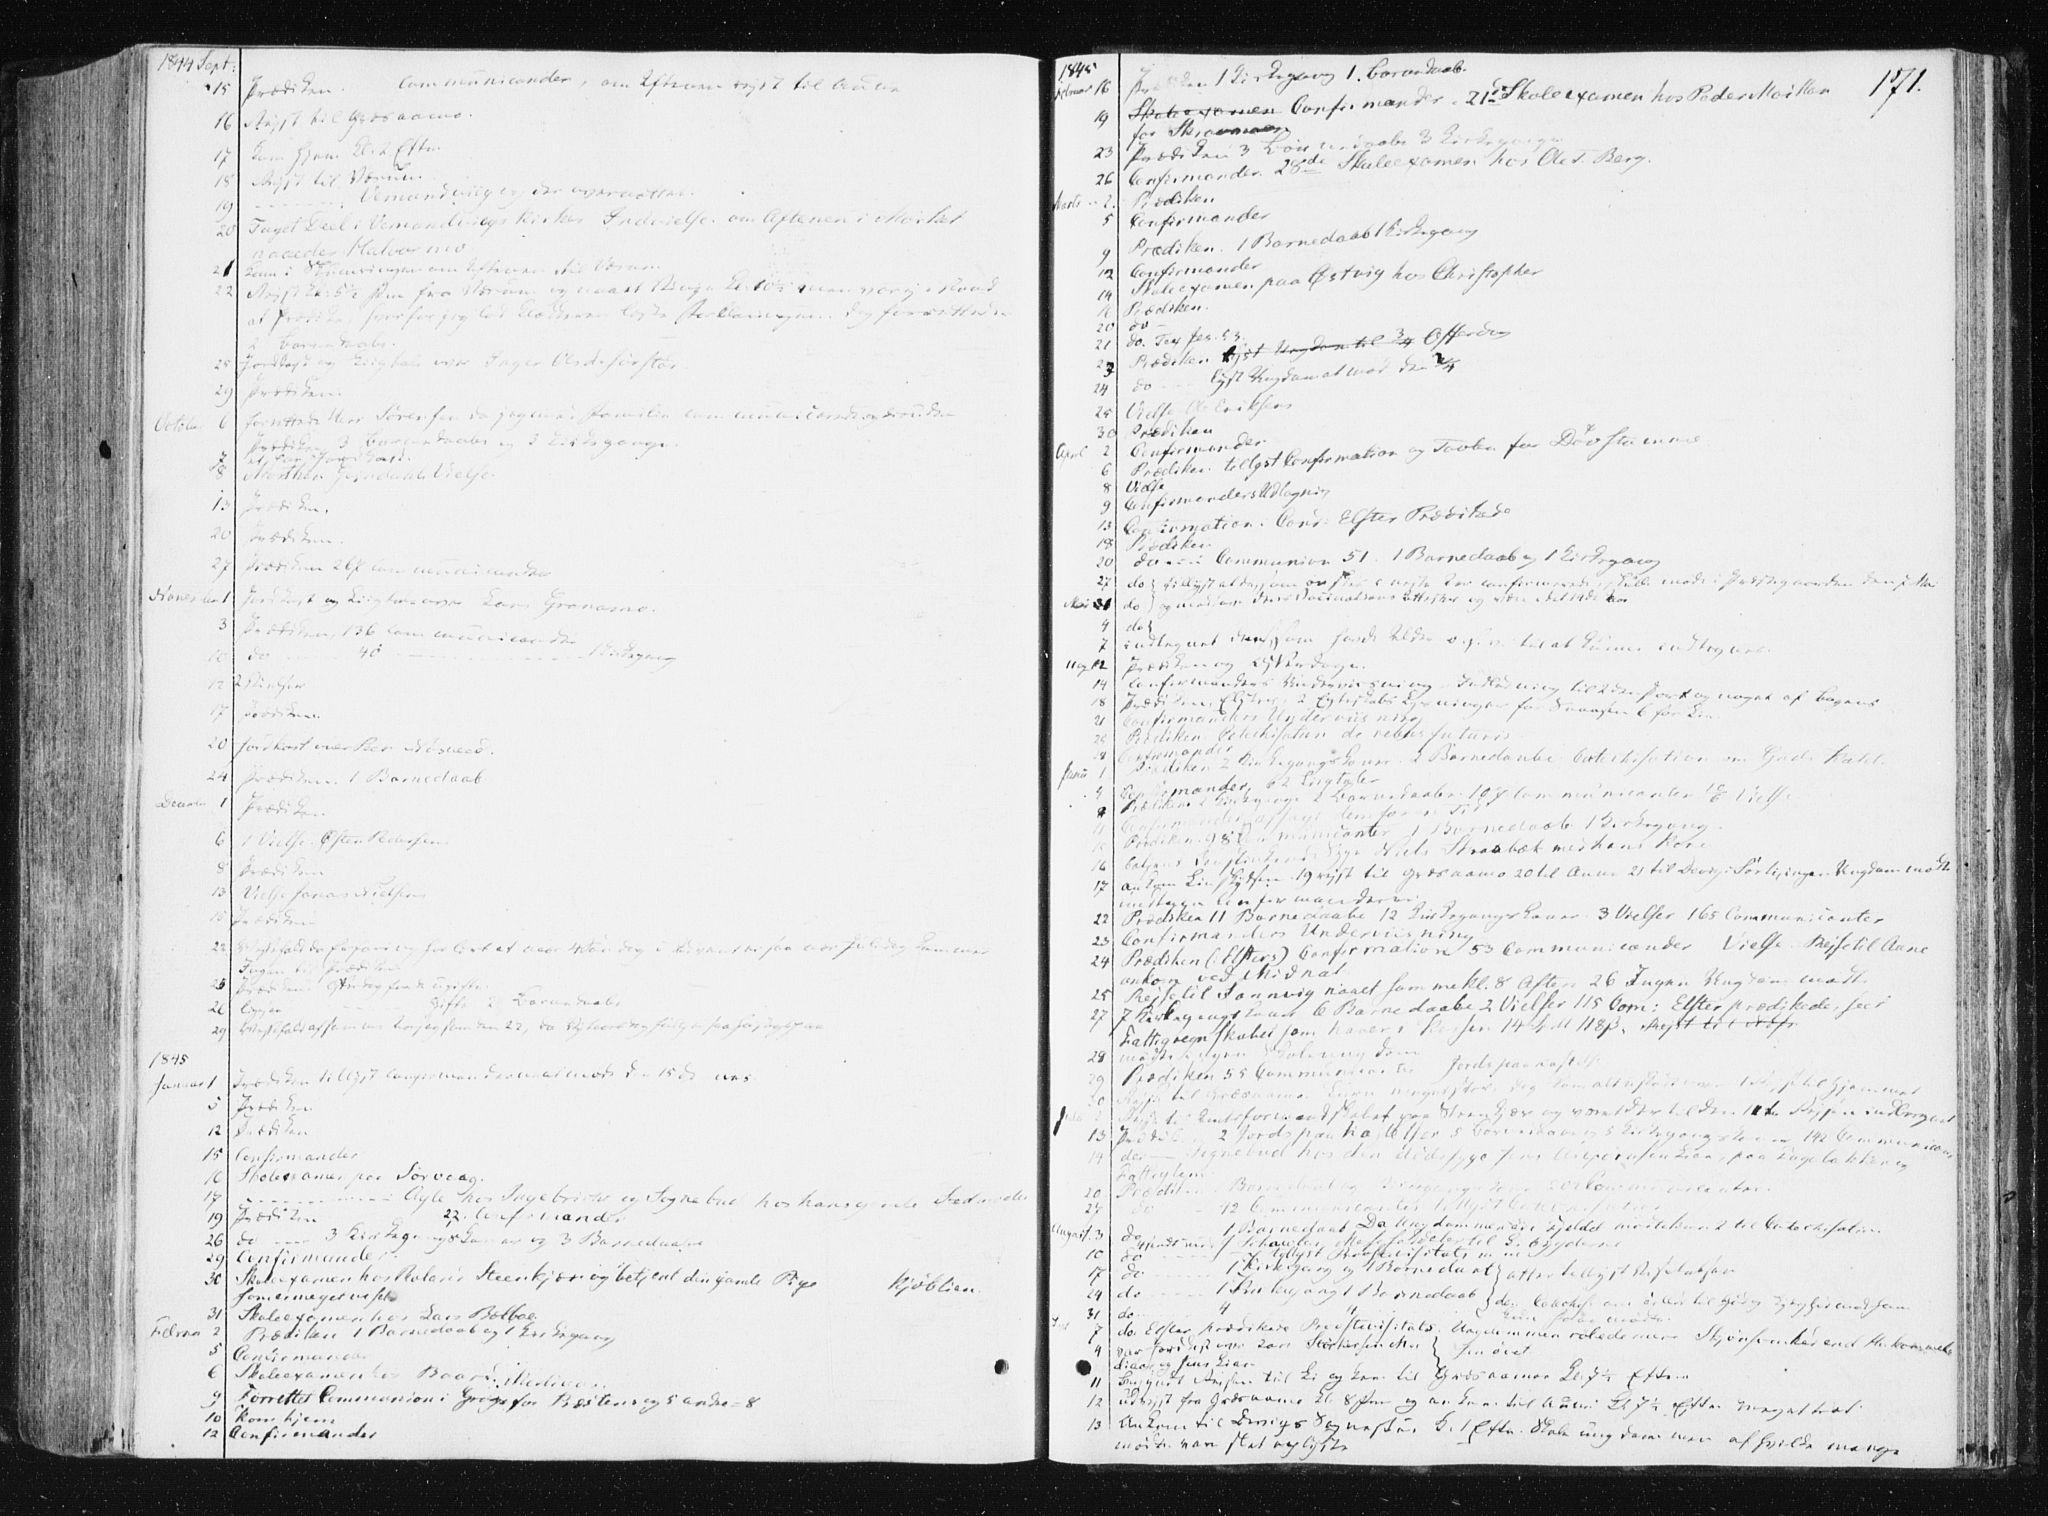 SAT, Ministerialprotokoller, klokkerbøker og fødselsregistre - Nord-Trøndelag, 749/L0470: Ministerialbok nr. 749A04, 1834-1853, s. 171